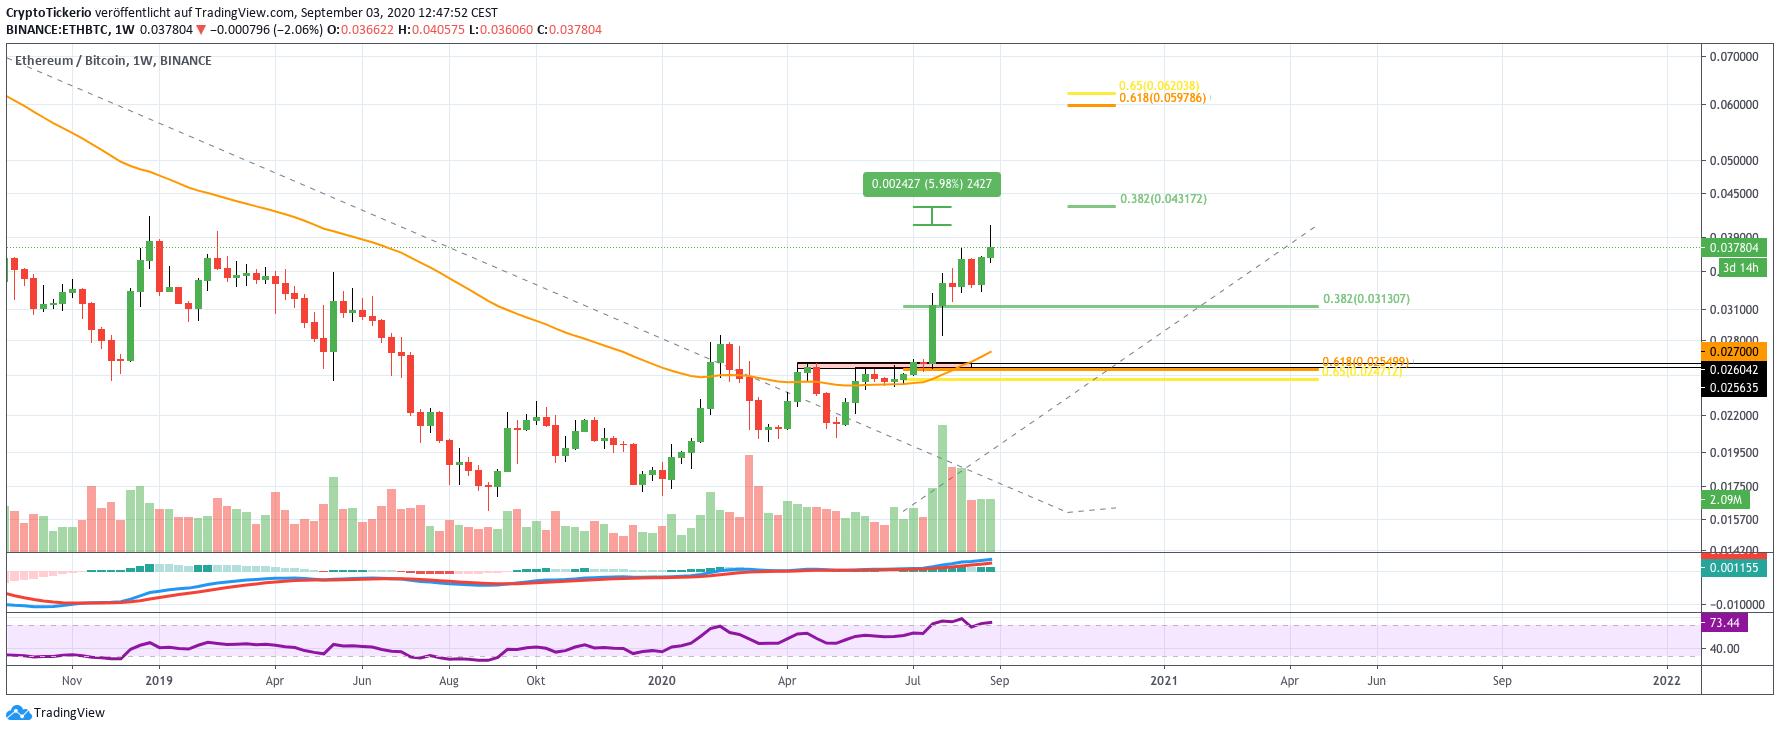 ETH/BTC Price Wekly Chart